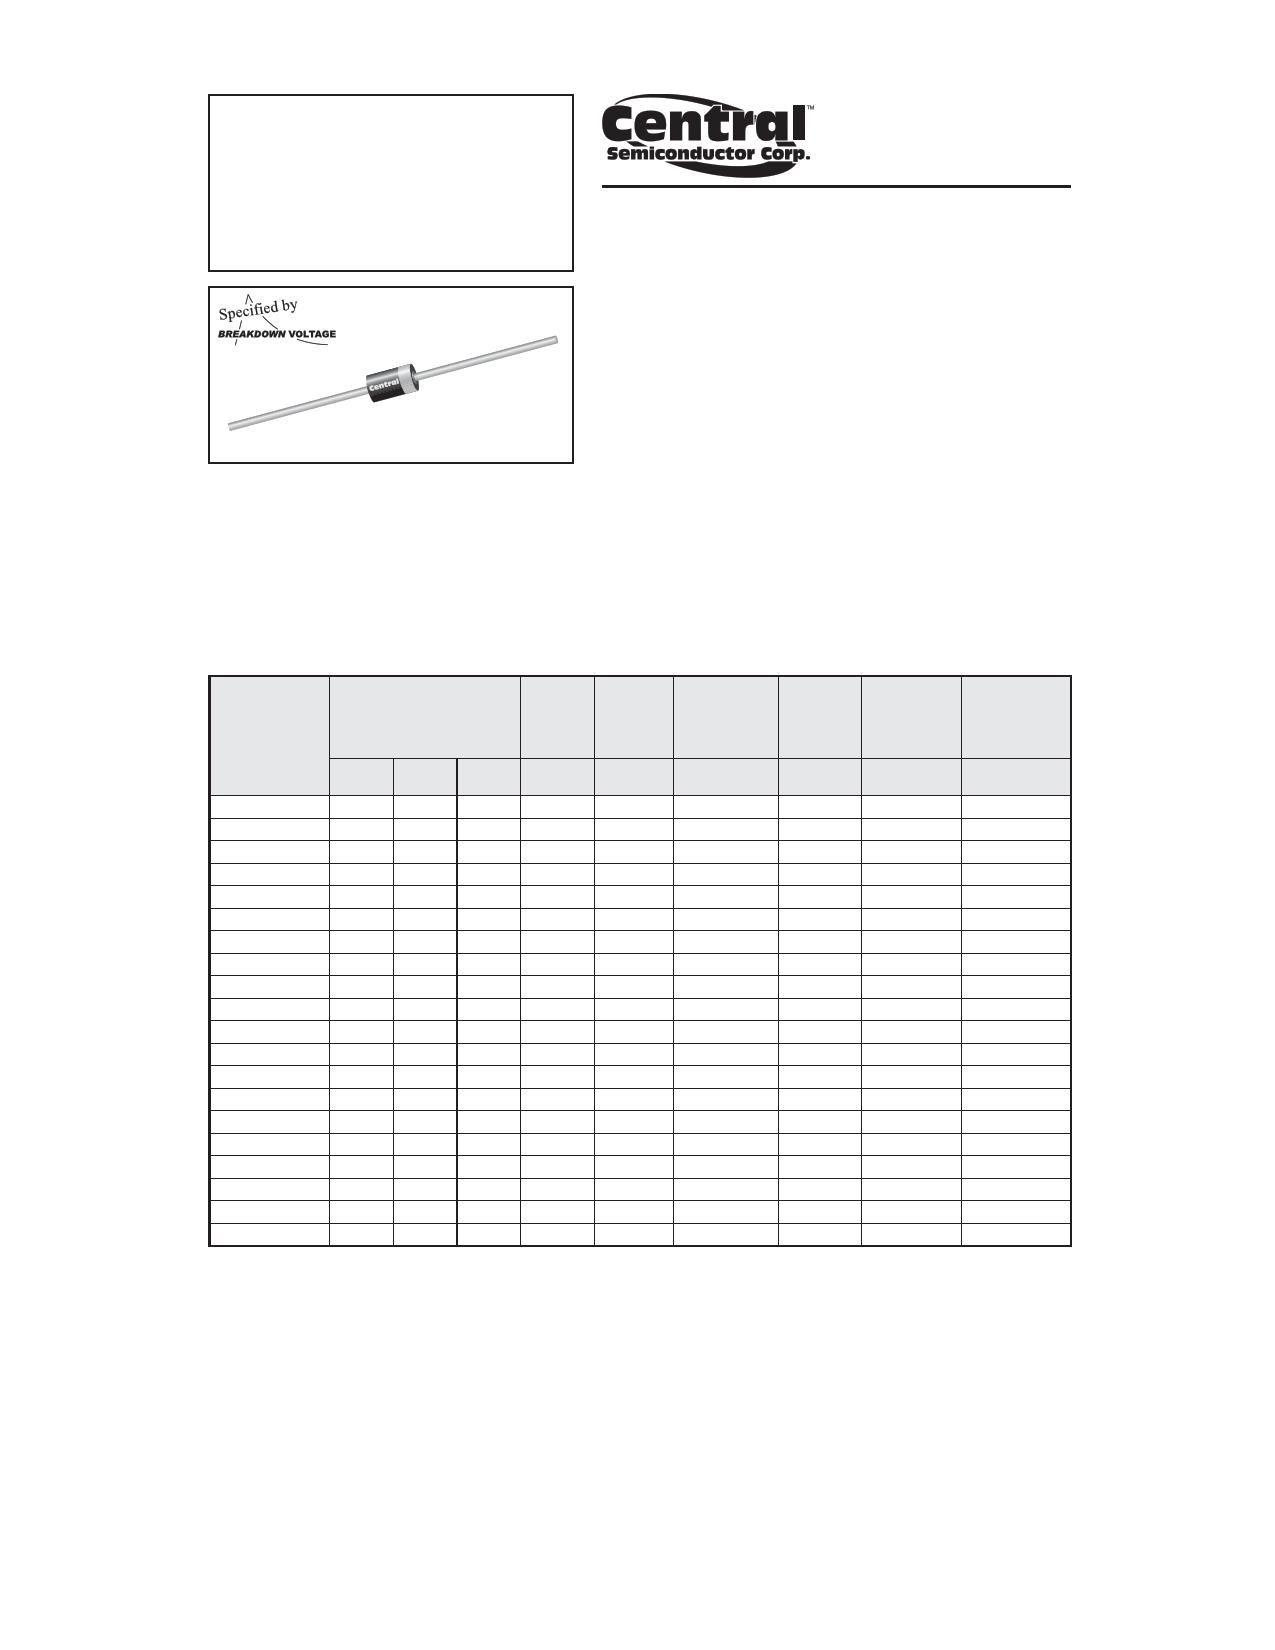 1.5CE11CA datasheet